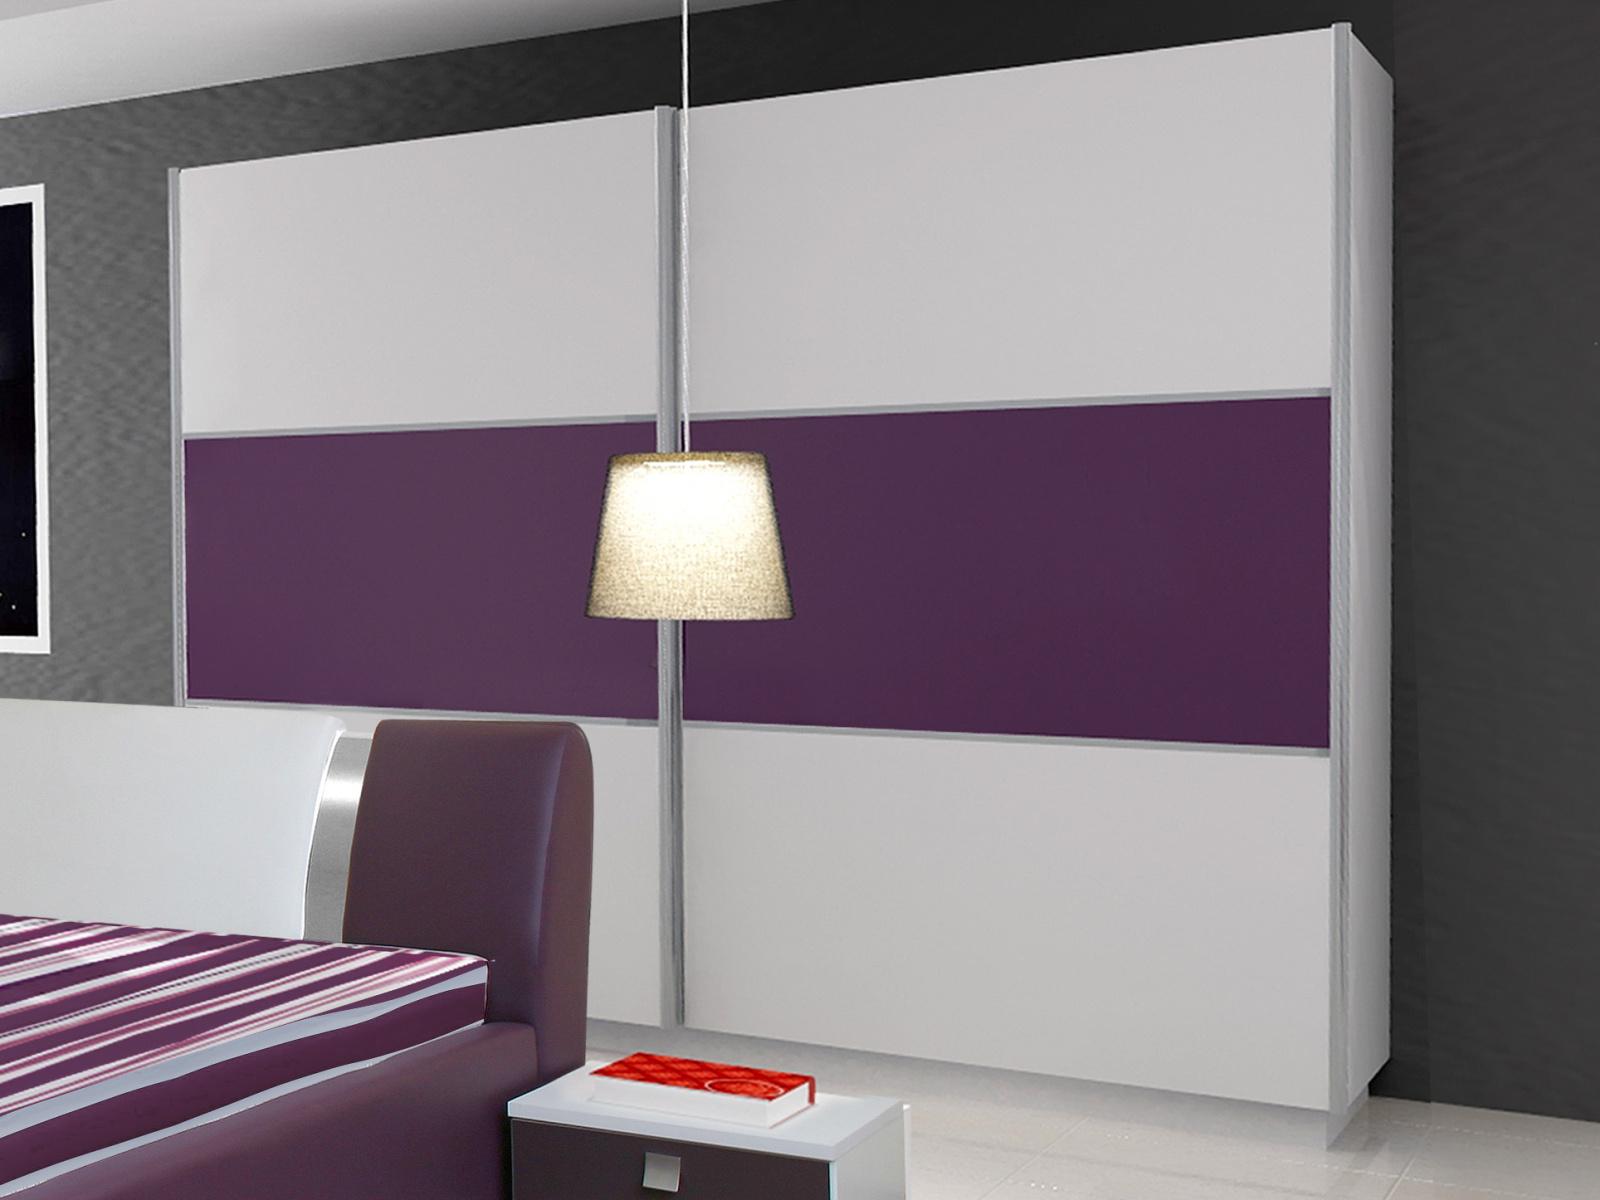 Smartshop Šatní skříň RIVA II 200, bílá/bílý + fialový lesk